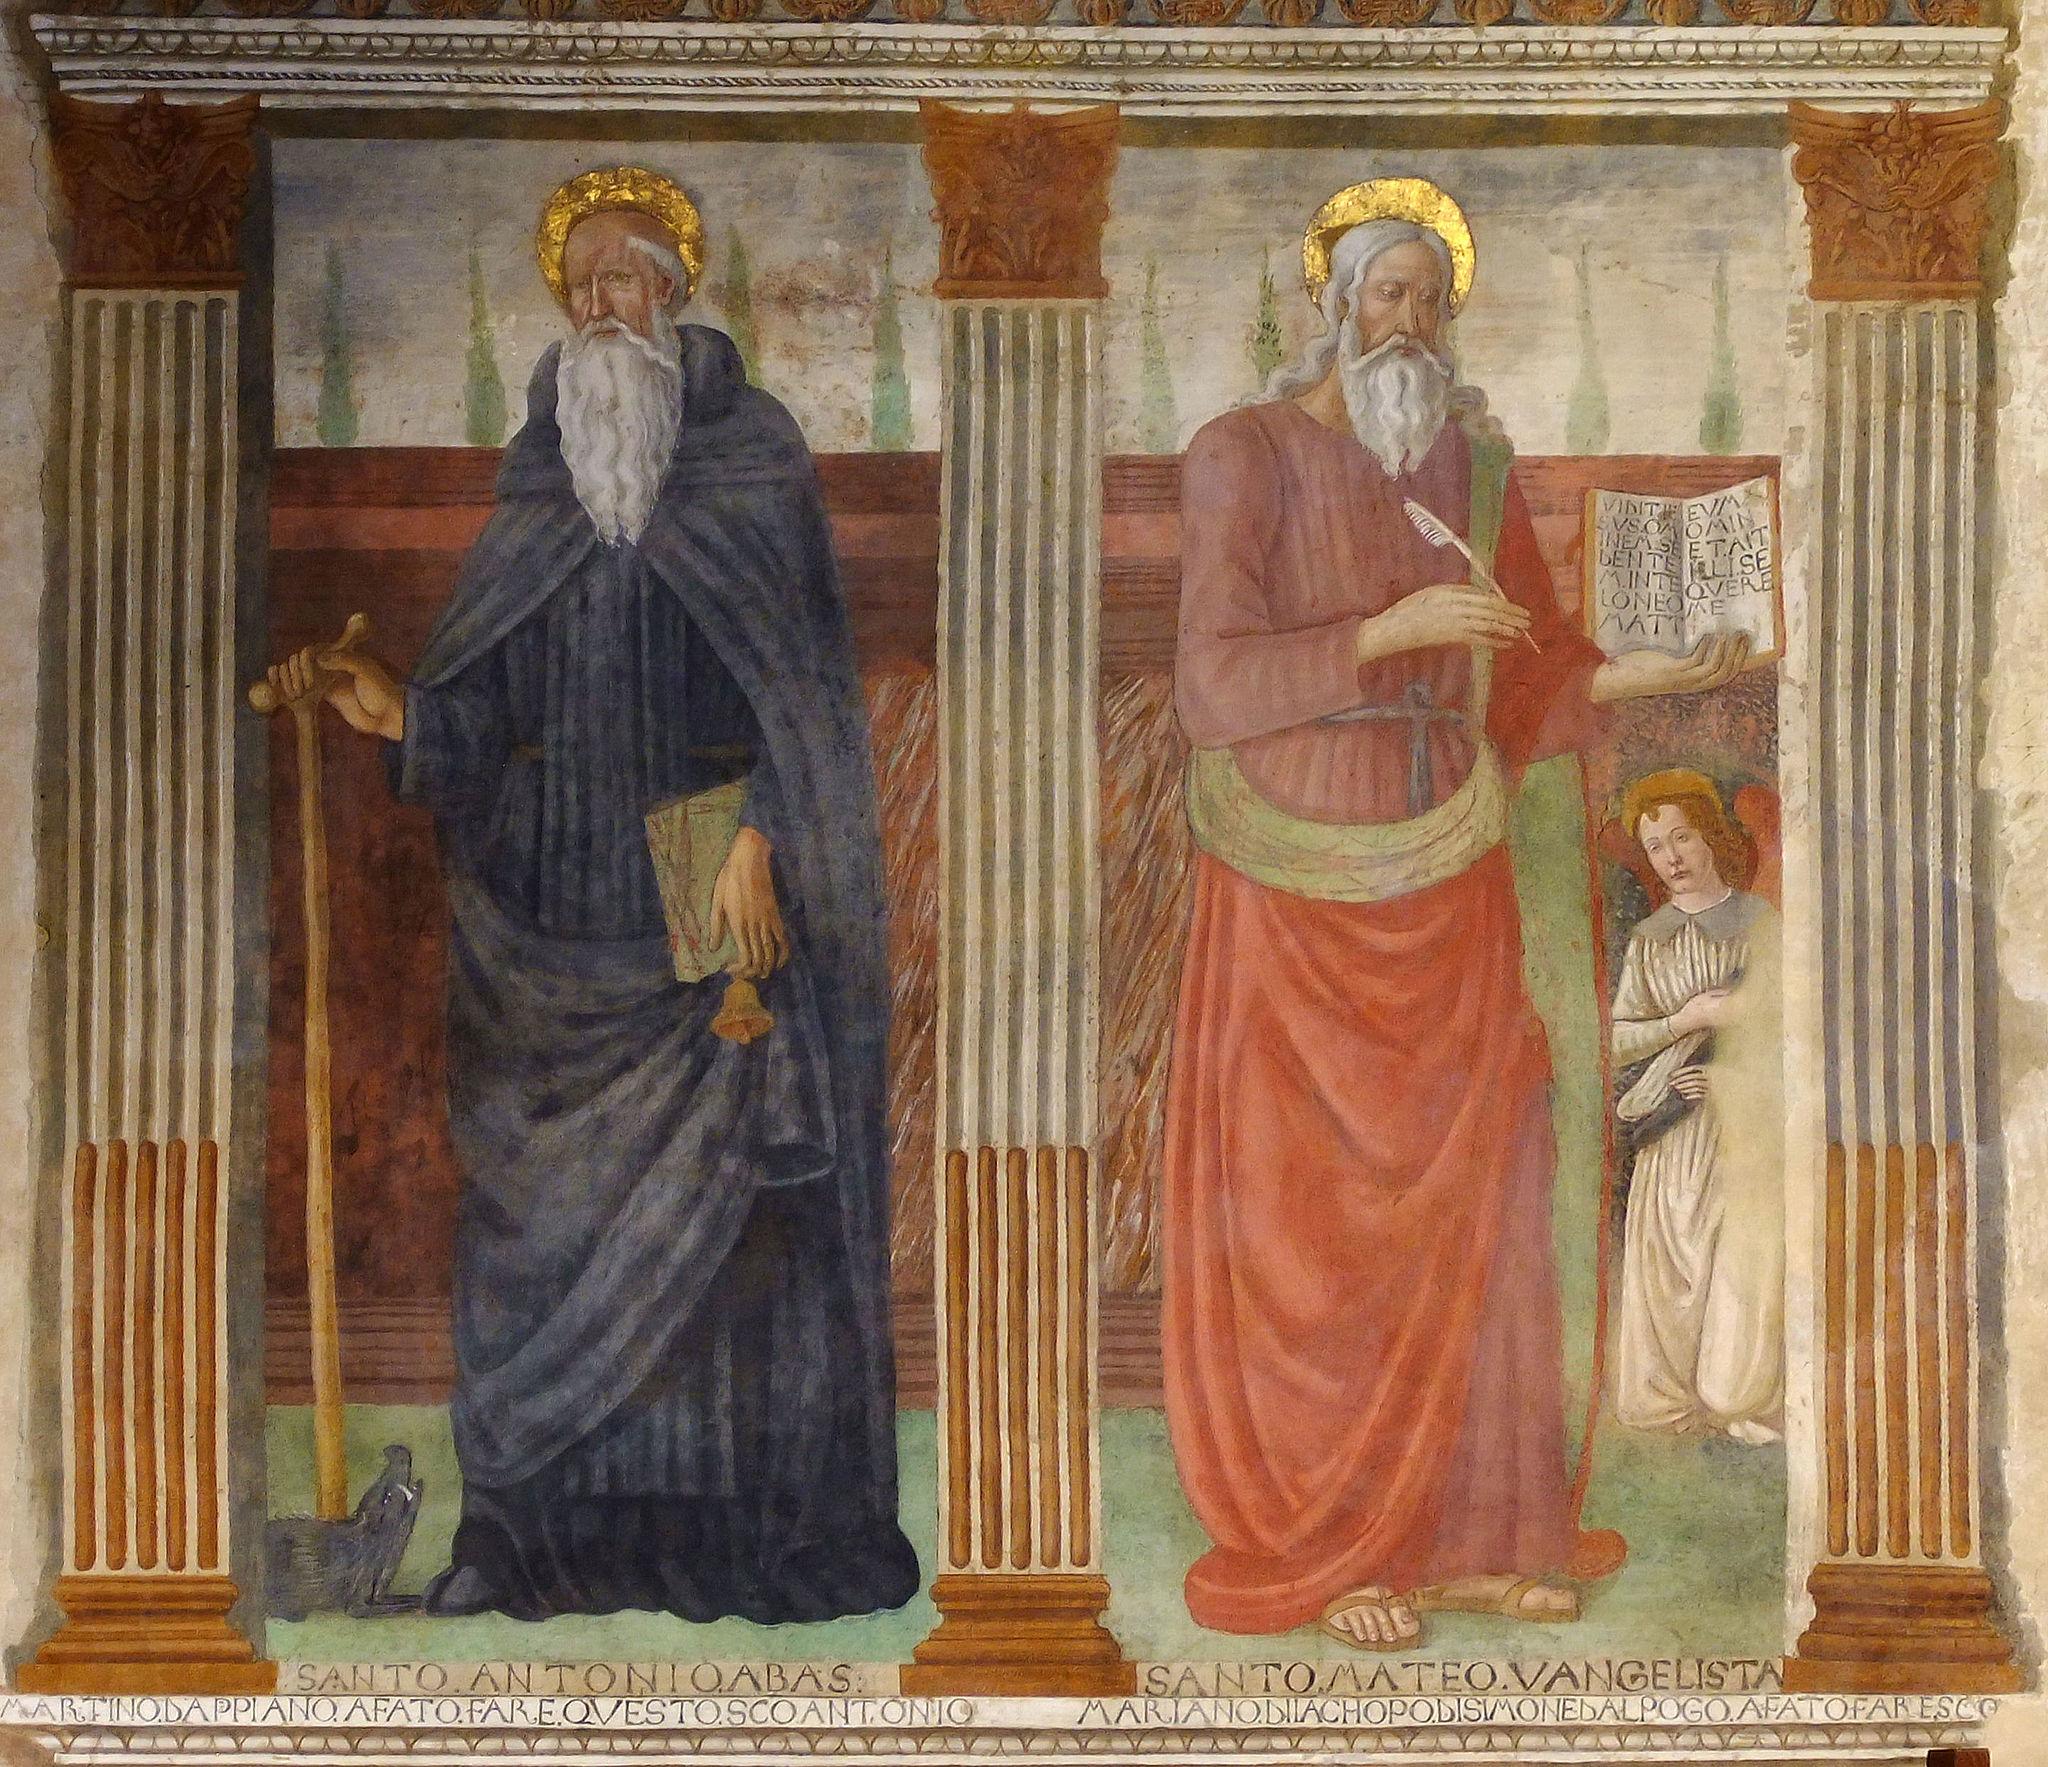 Filippelli santi Antonio Abate e Matte